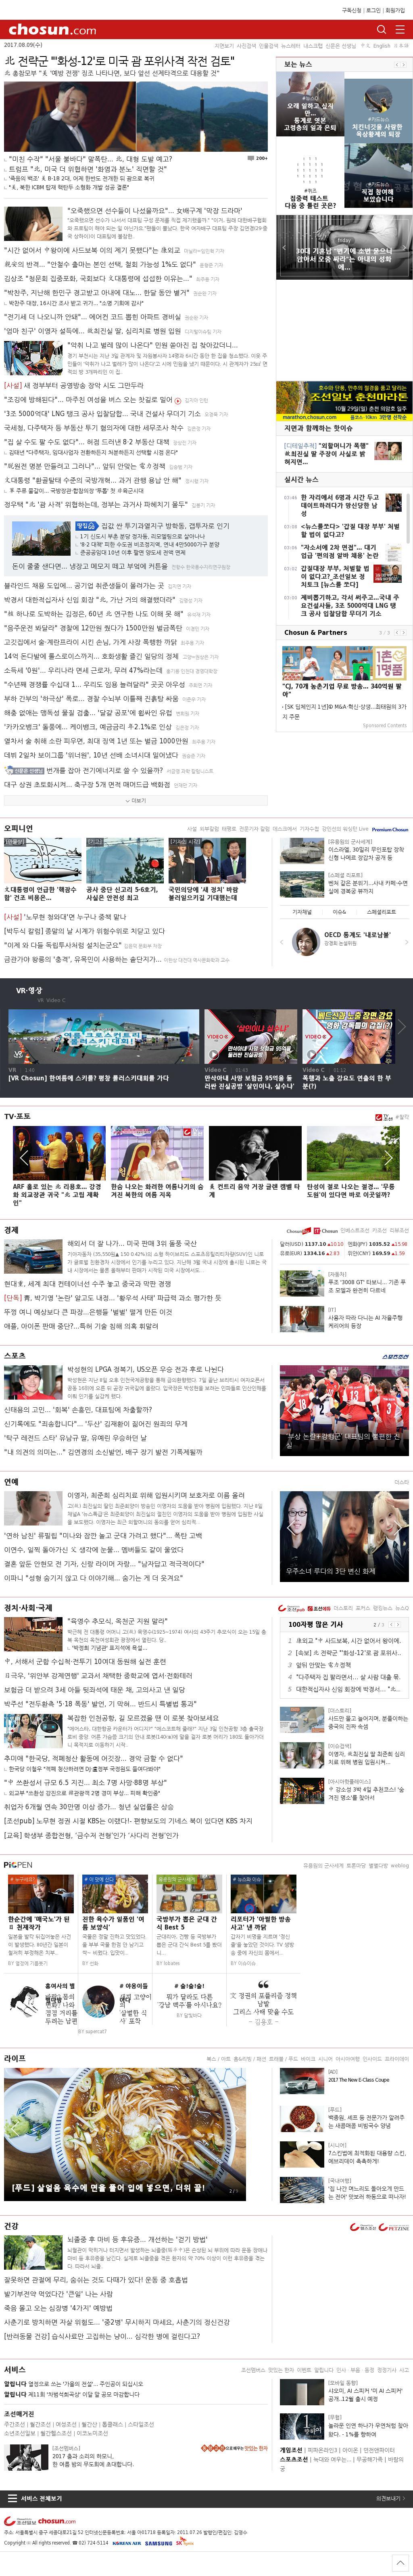 chosun.com at Wednesday Aug. 9, 2017, 4:02 a.m. UTC